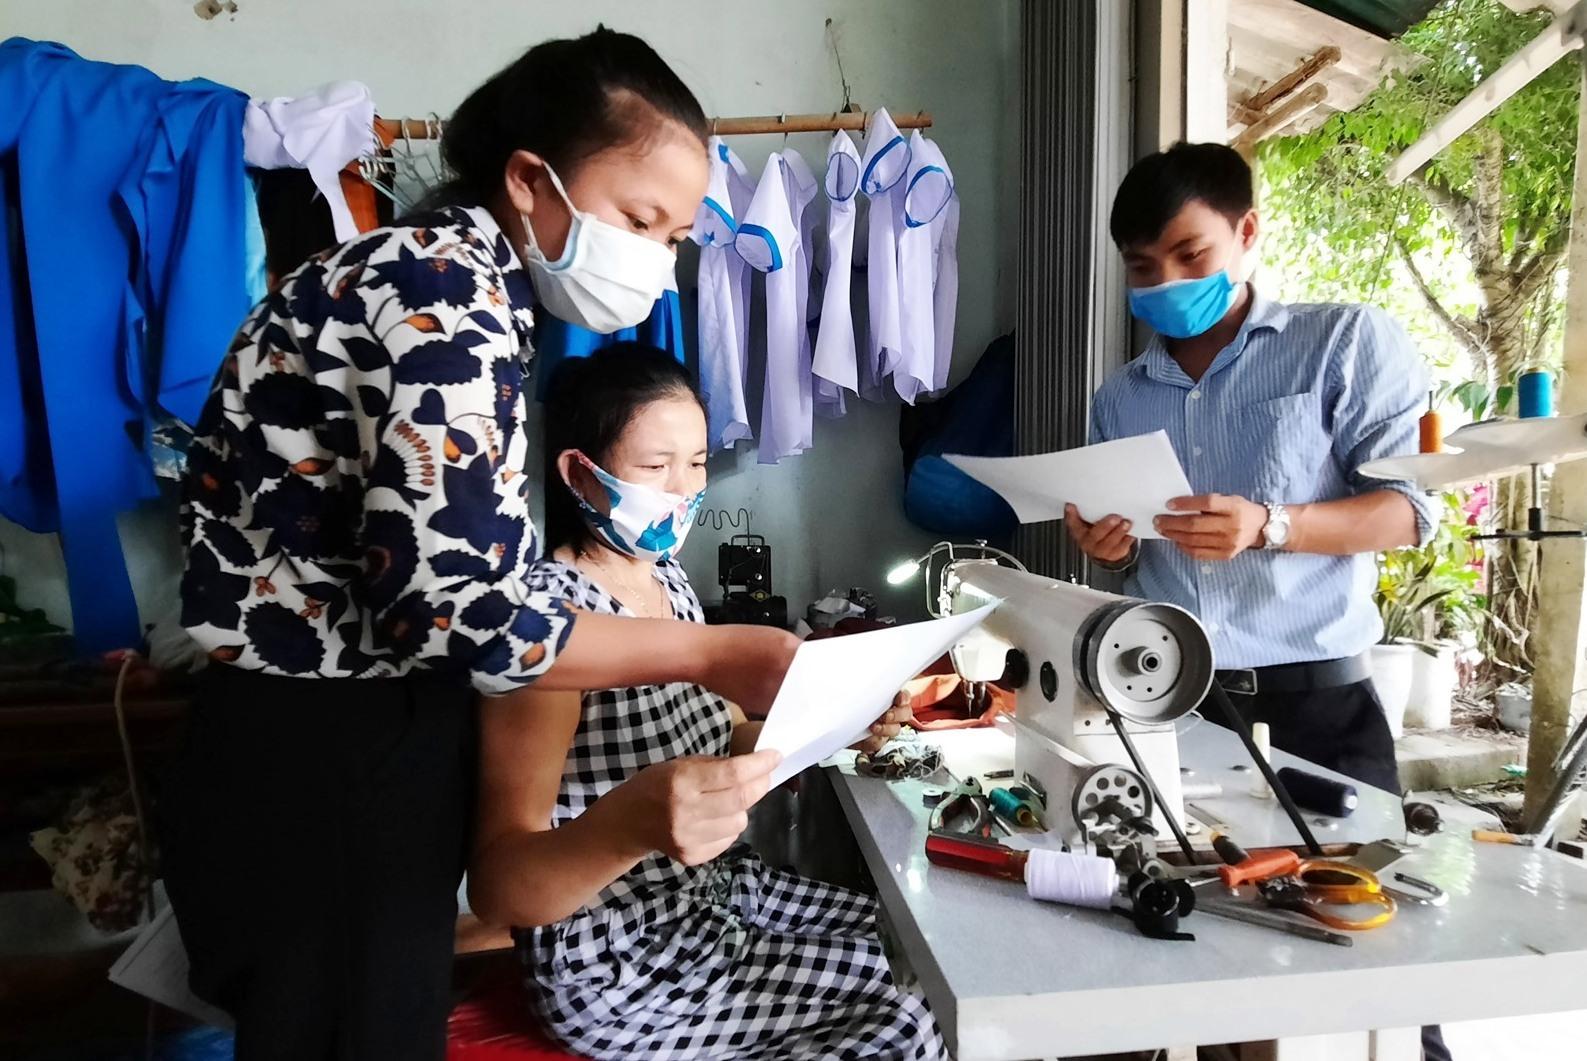 Tăng cường công tác giám sát của đội ngũ y tế ở cơ sở gắn với hoạt động của Tổ Giám sát và tuyên truyền phòng, chống dịch bệnh Covid-19 tại cộng đồng. Ảnh: Đ. ĐẠO